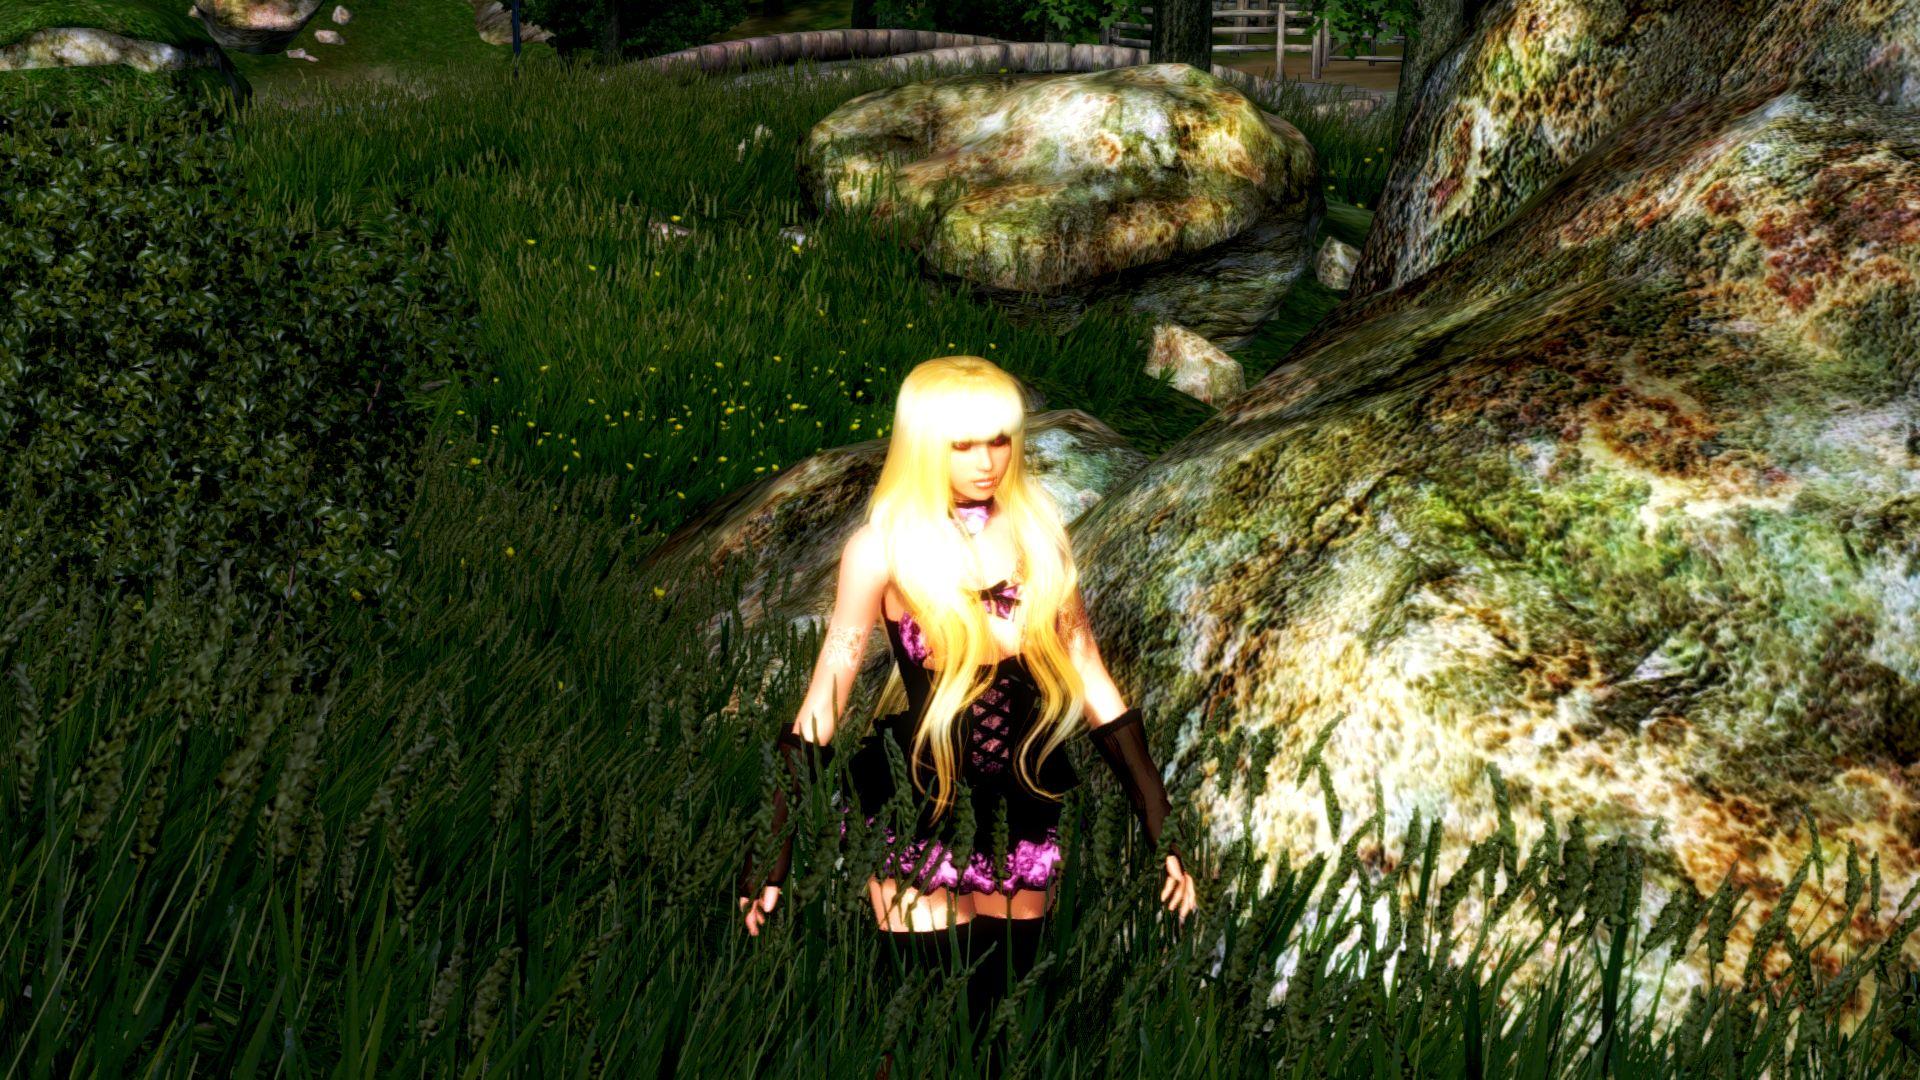 Oblivion 2012-01-22 21-49-26-81